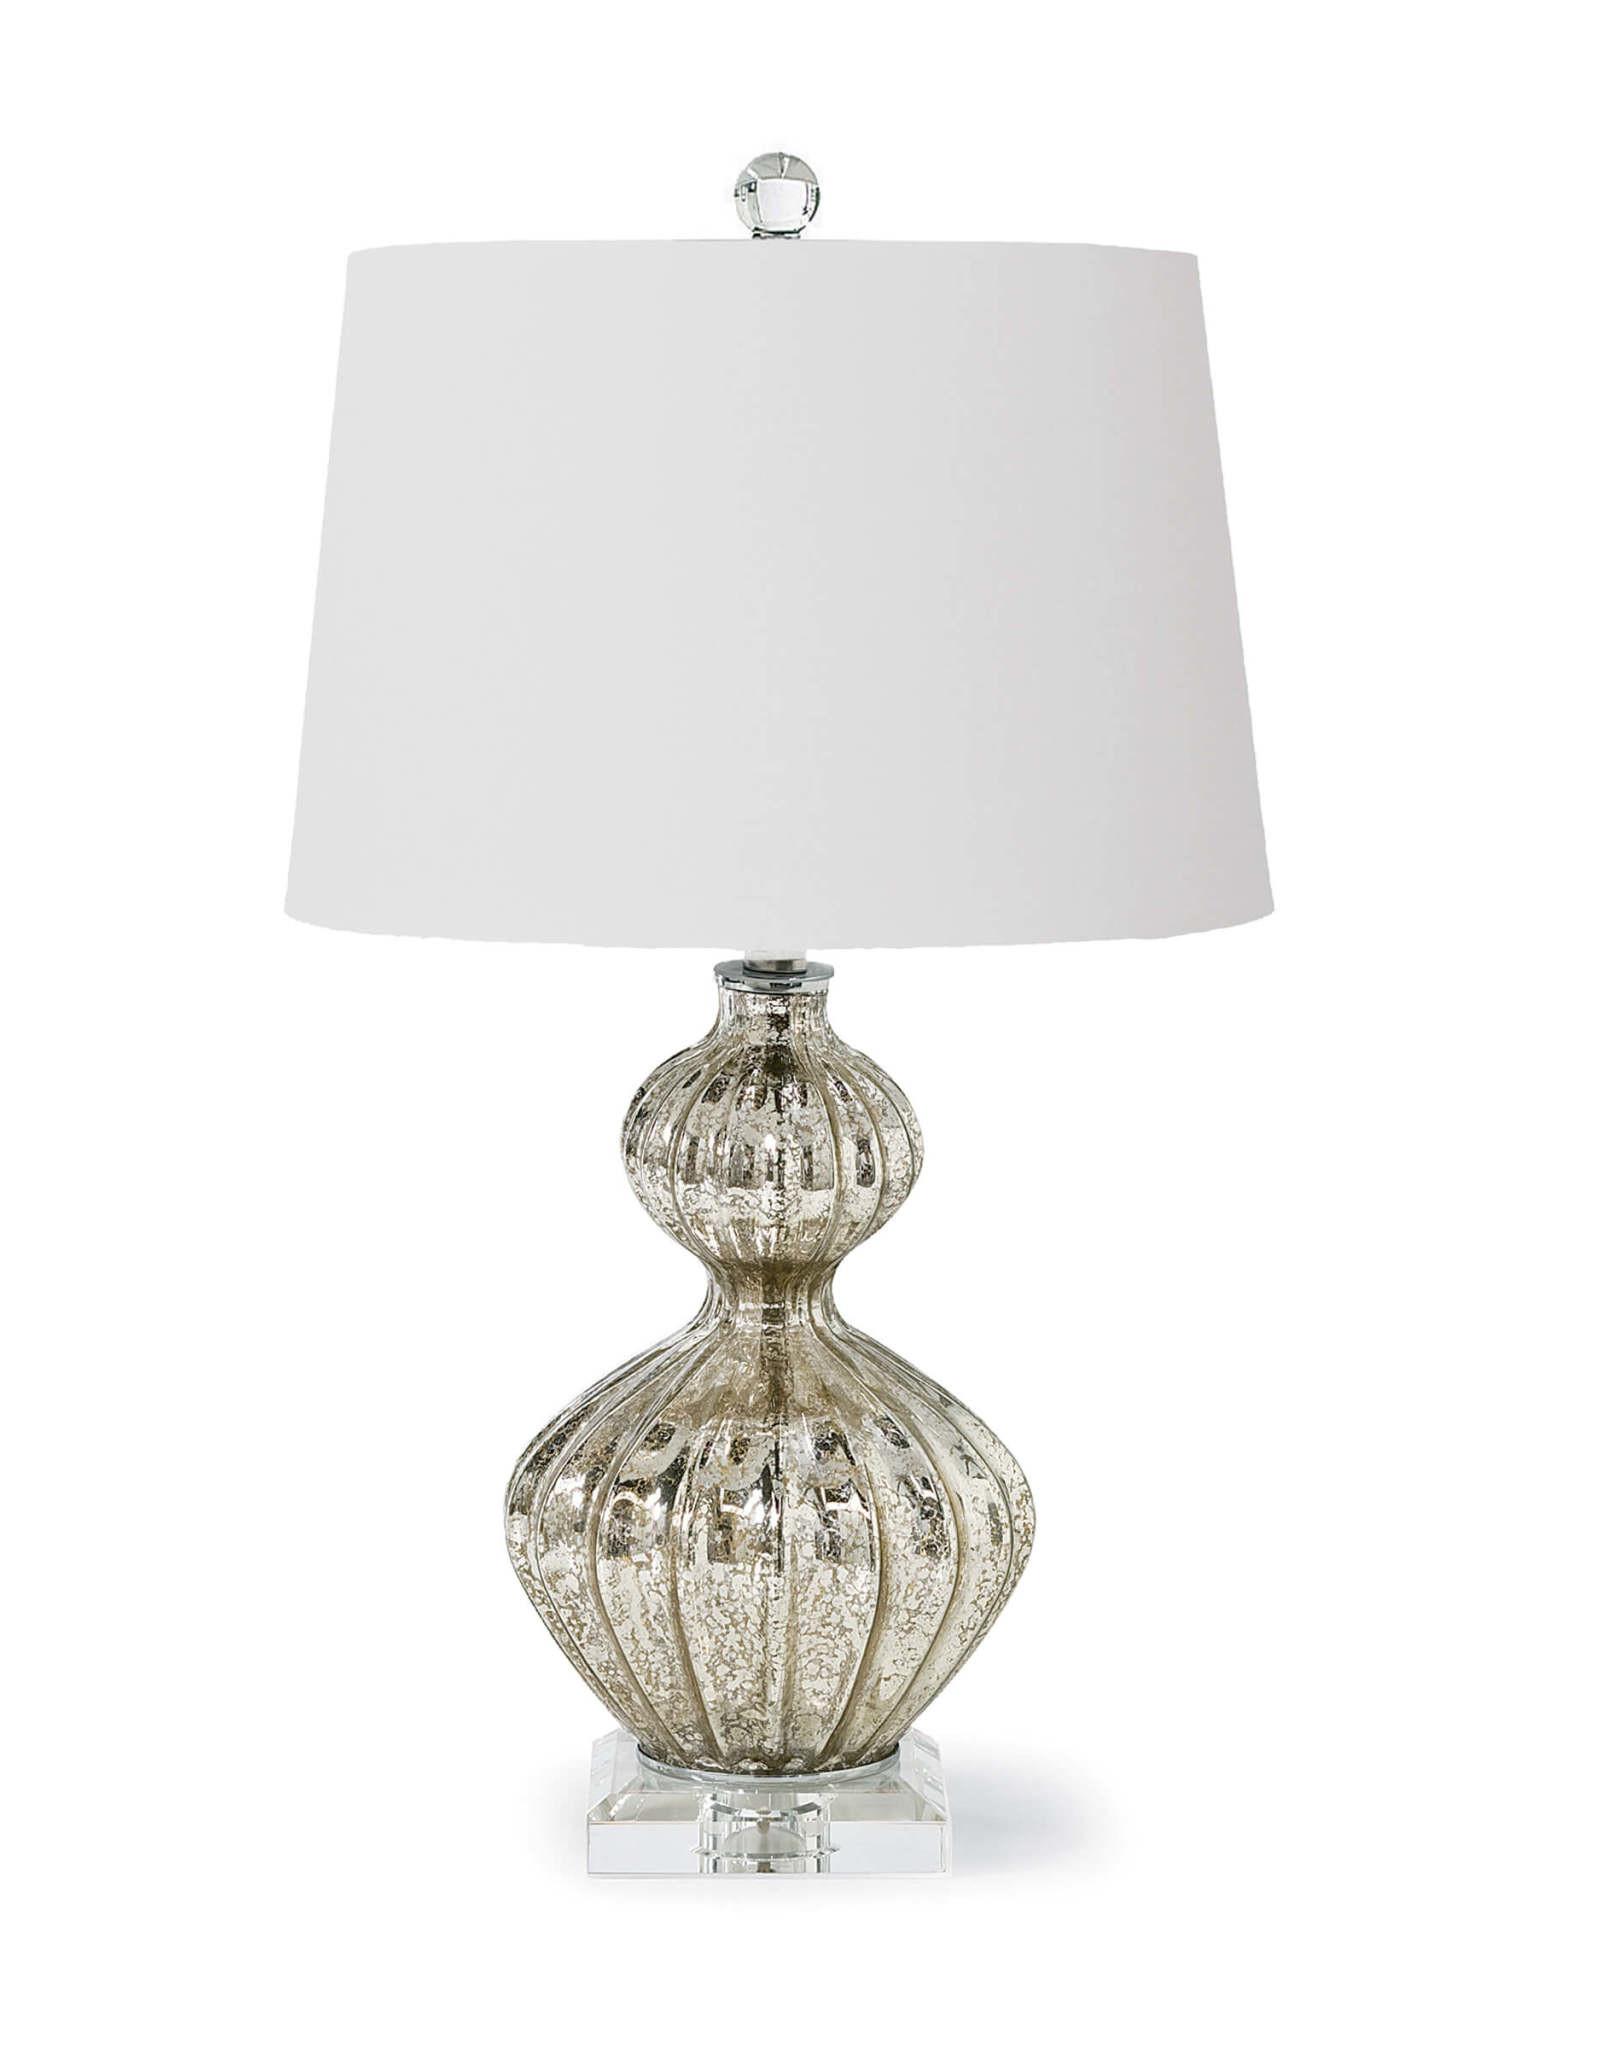 Regina Andrew Design Ripple Table Lamp (Antique Mercury)